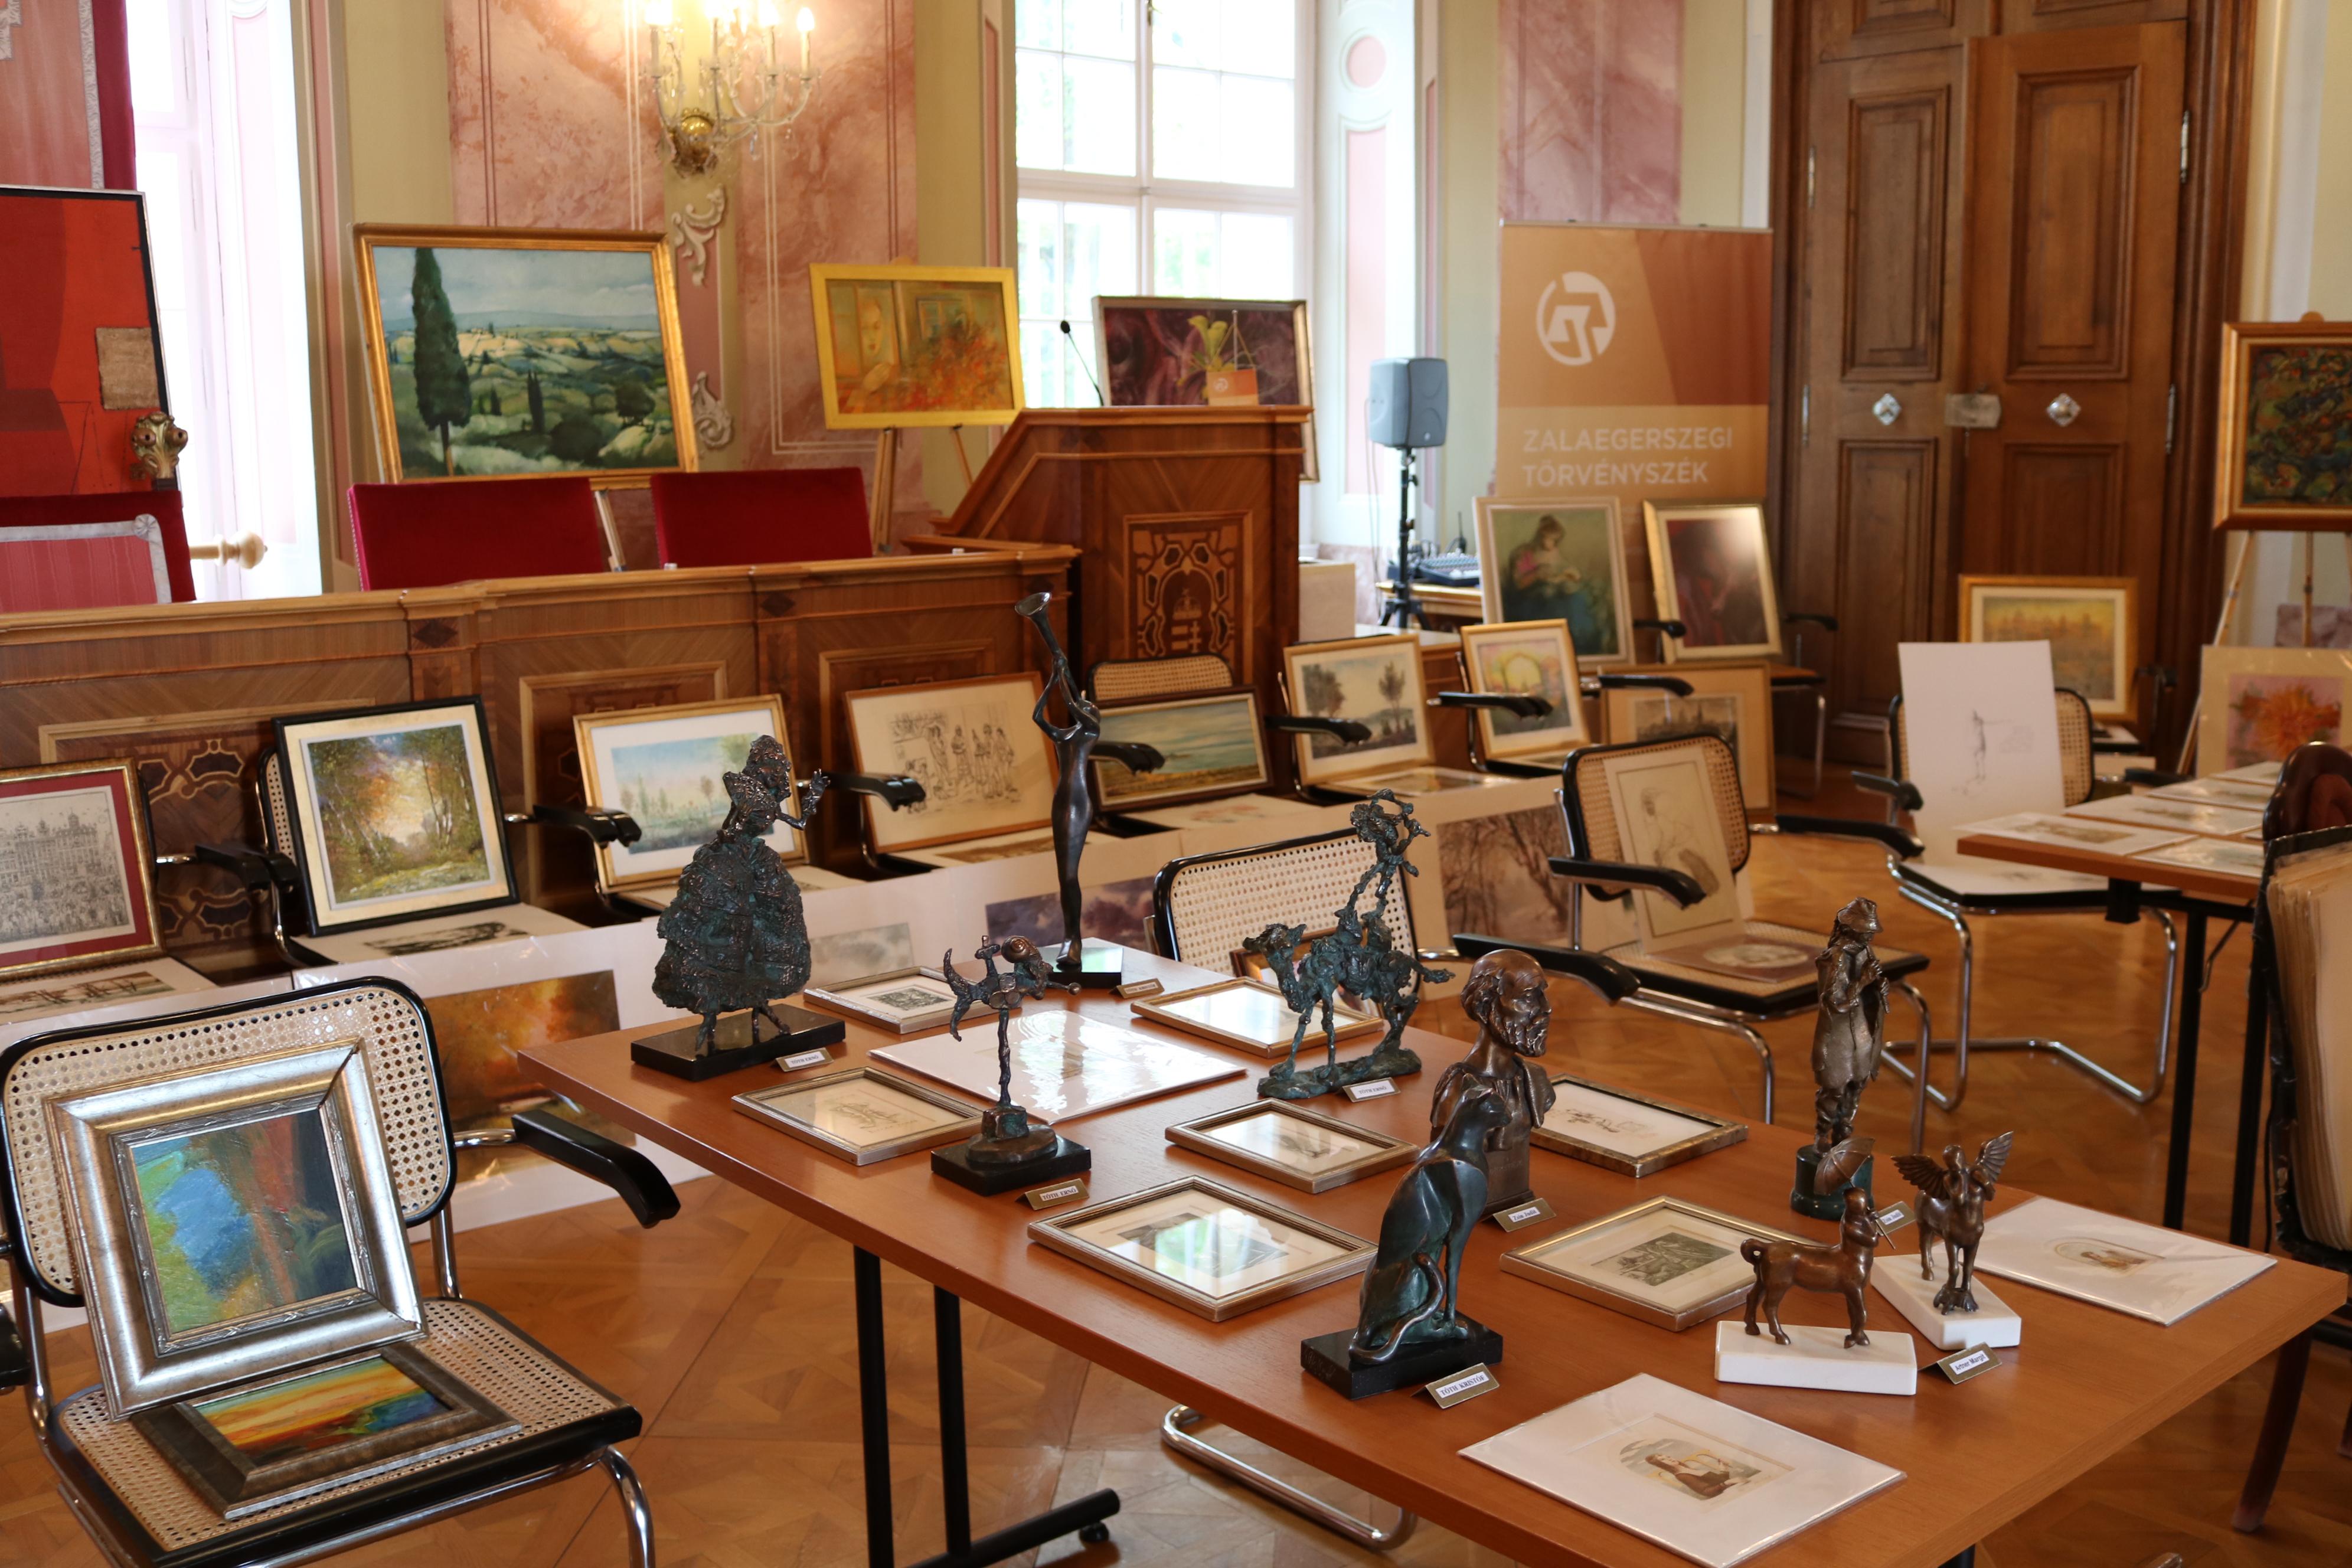 6402dacedd ... kisplasztikáit is bemutatta a törvényszék díszteremében – foglalta  össze röviden a május 17. napi, képzőművészeti bemutató történéseit dr.  Vándor Virág.